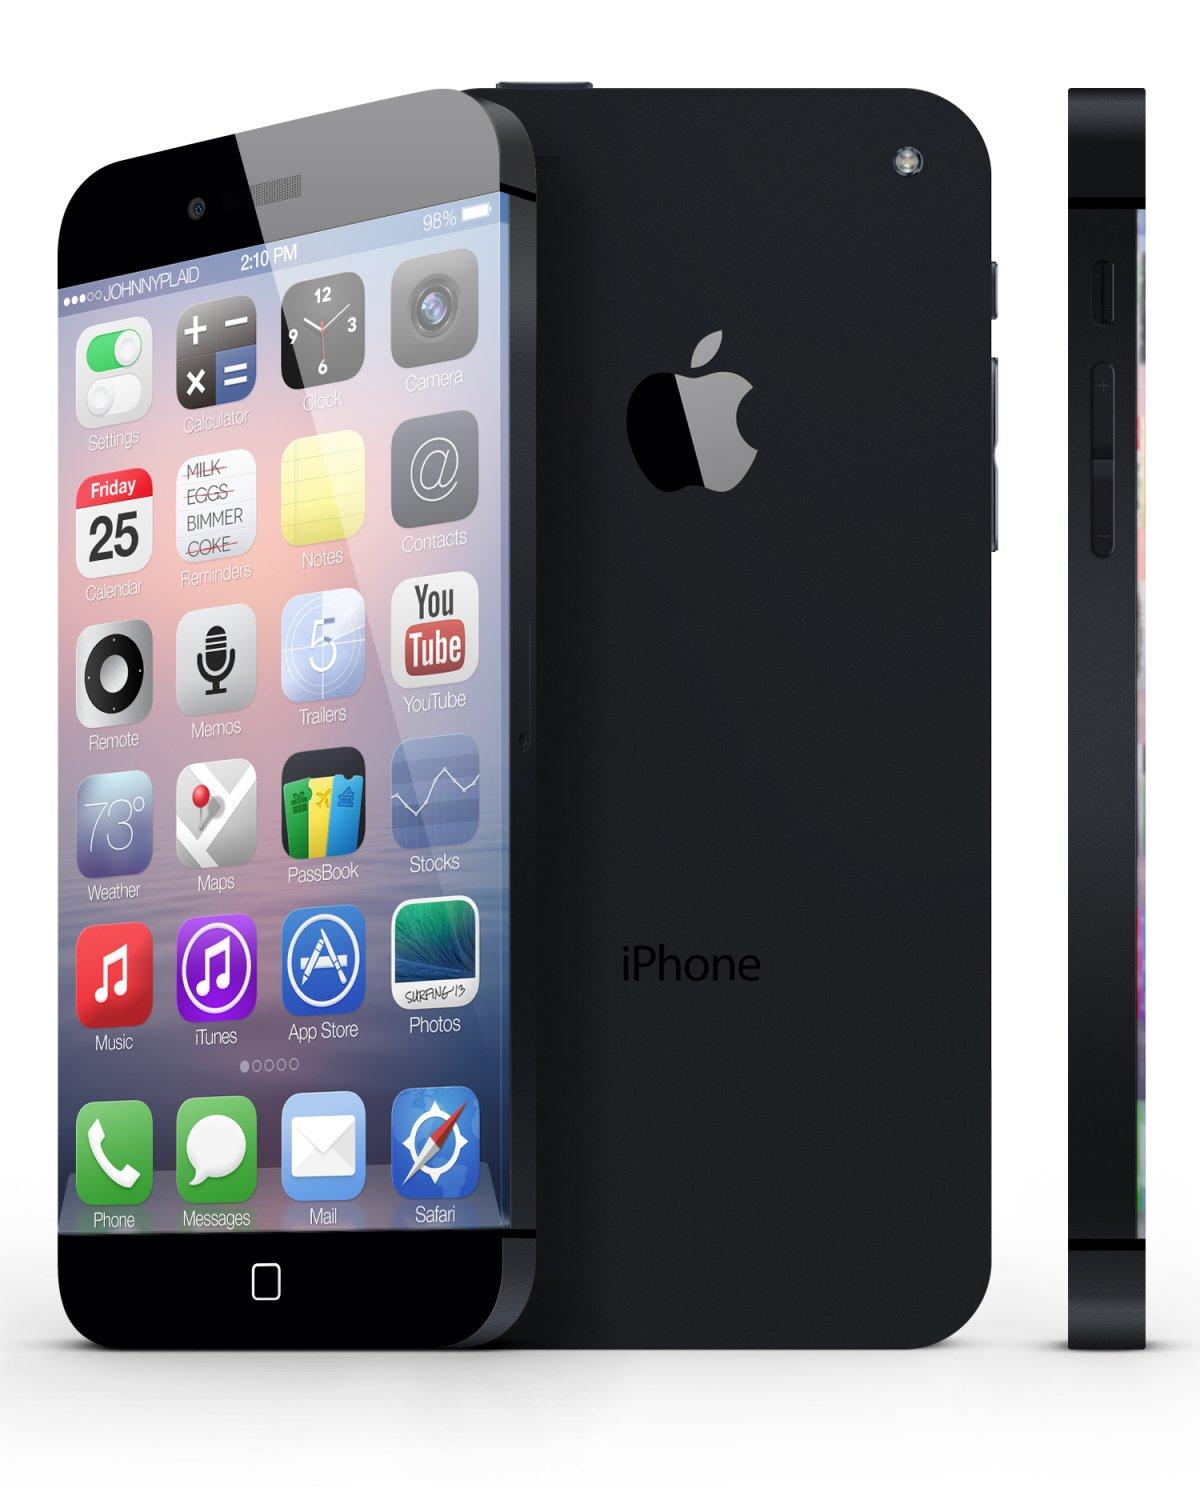 Taylor's Handy! Iphone-6-concept-e2e-5